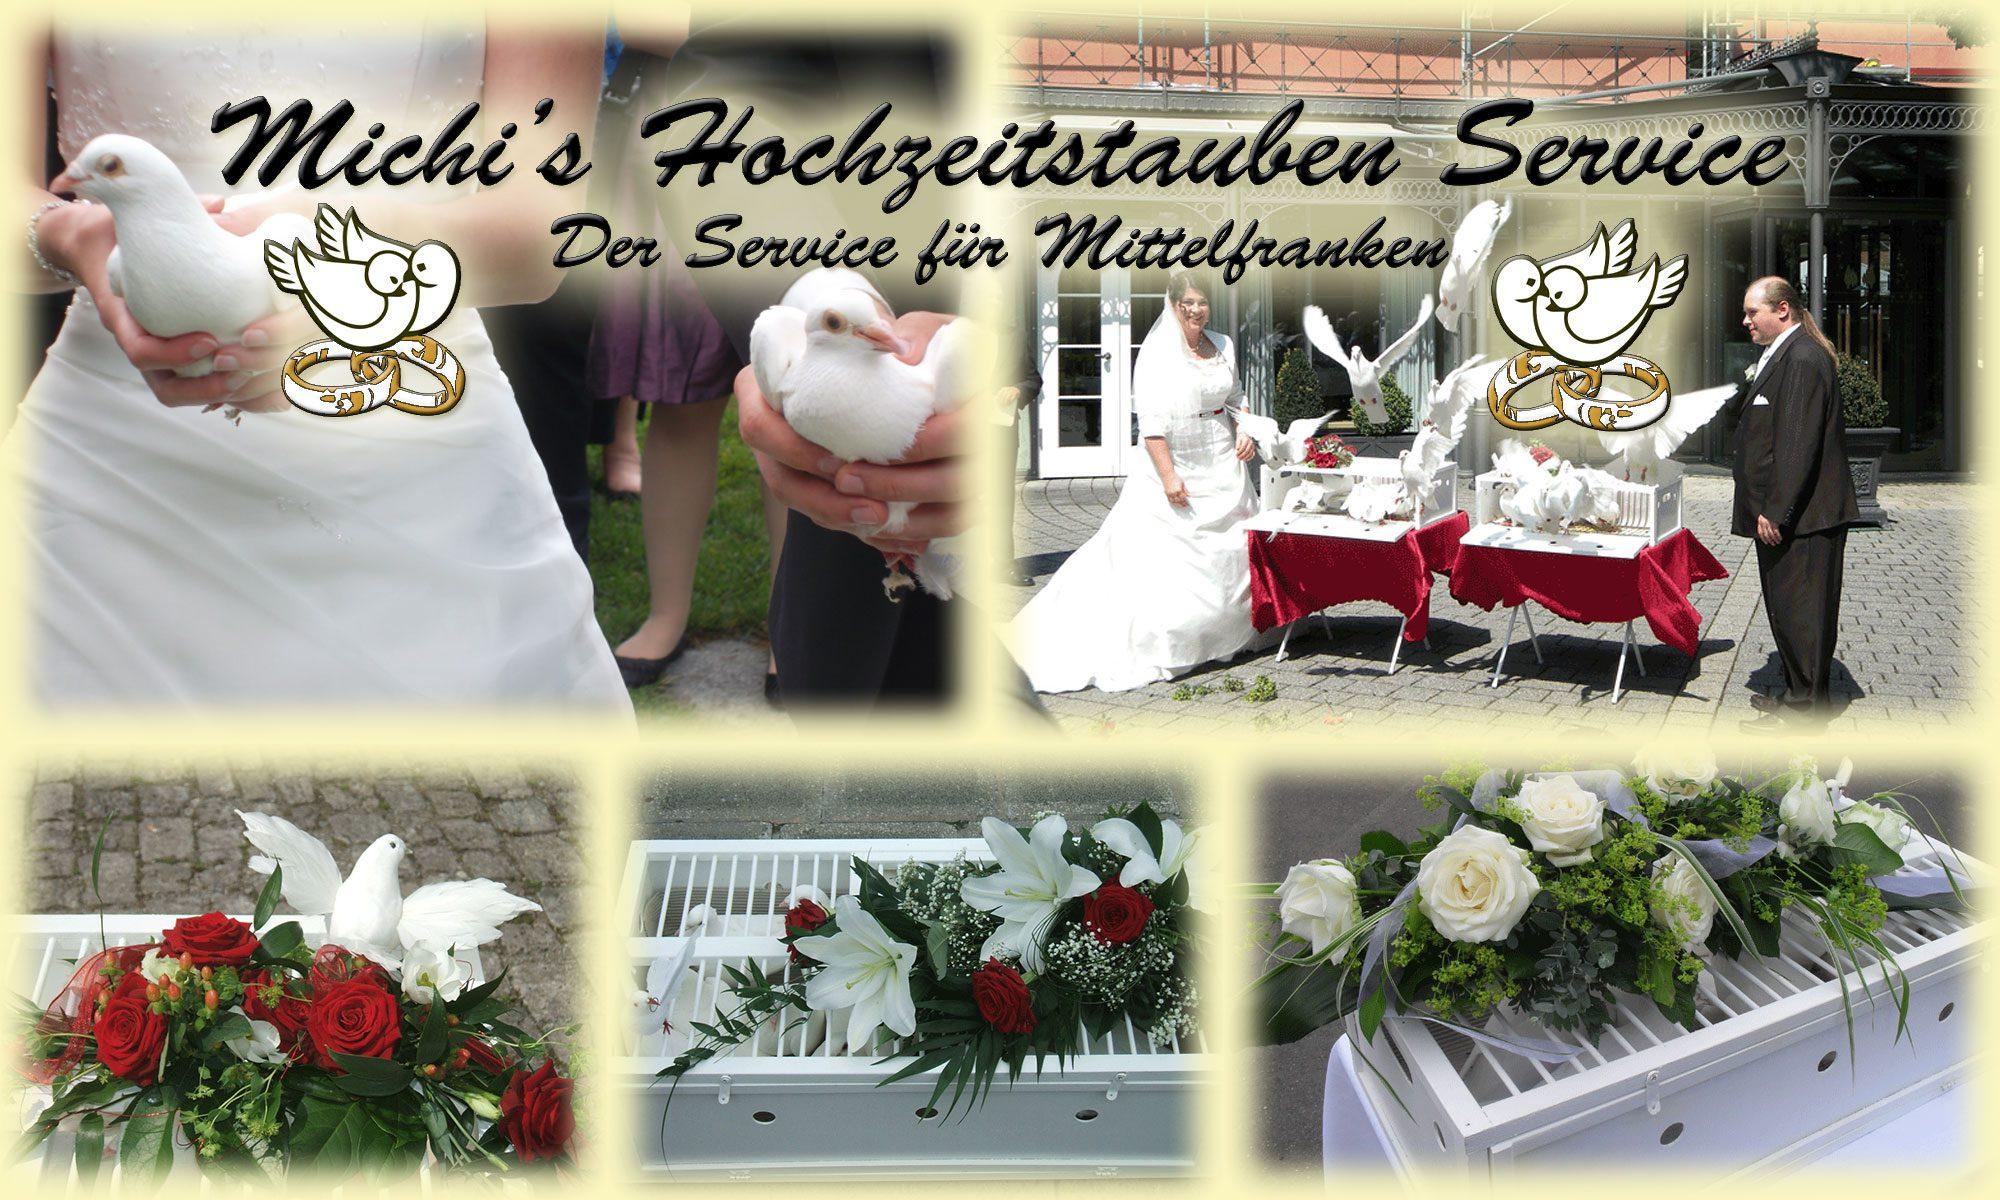 Preise Leistung Michis Hochzeitstauben